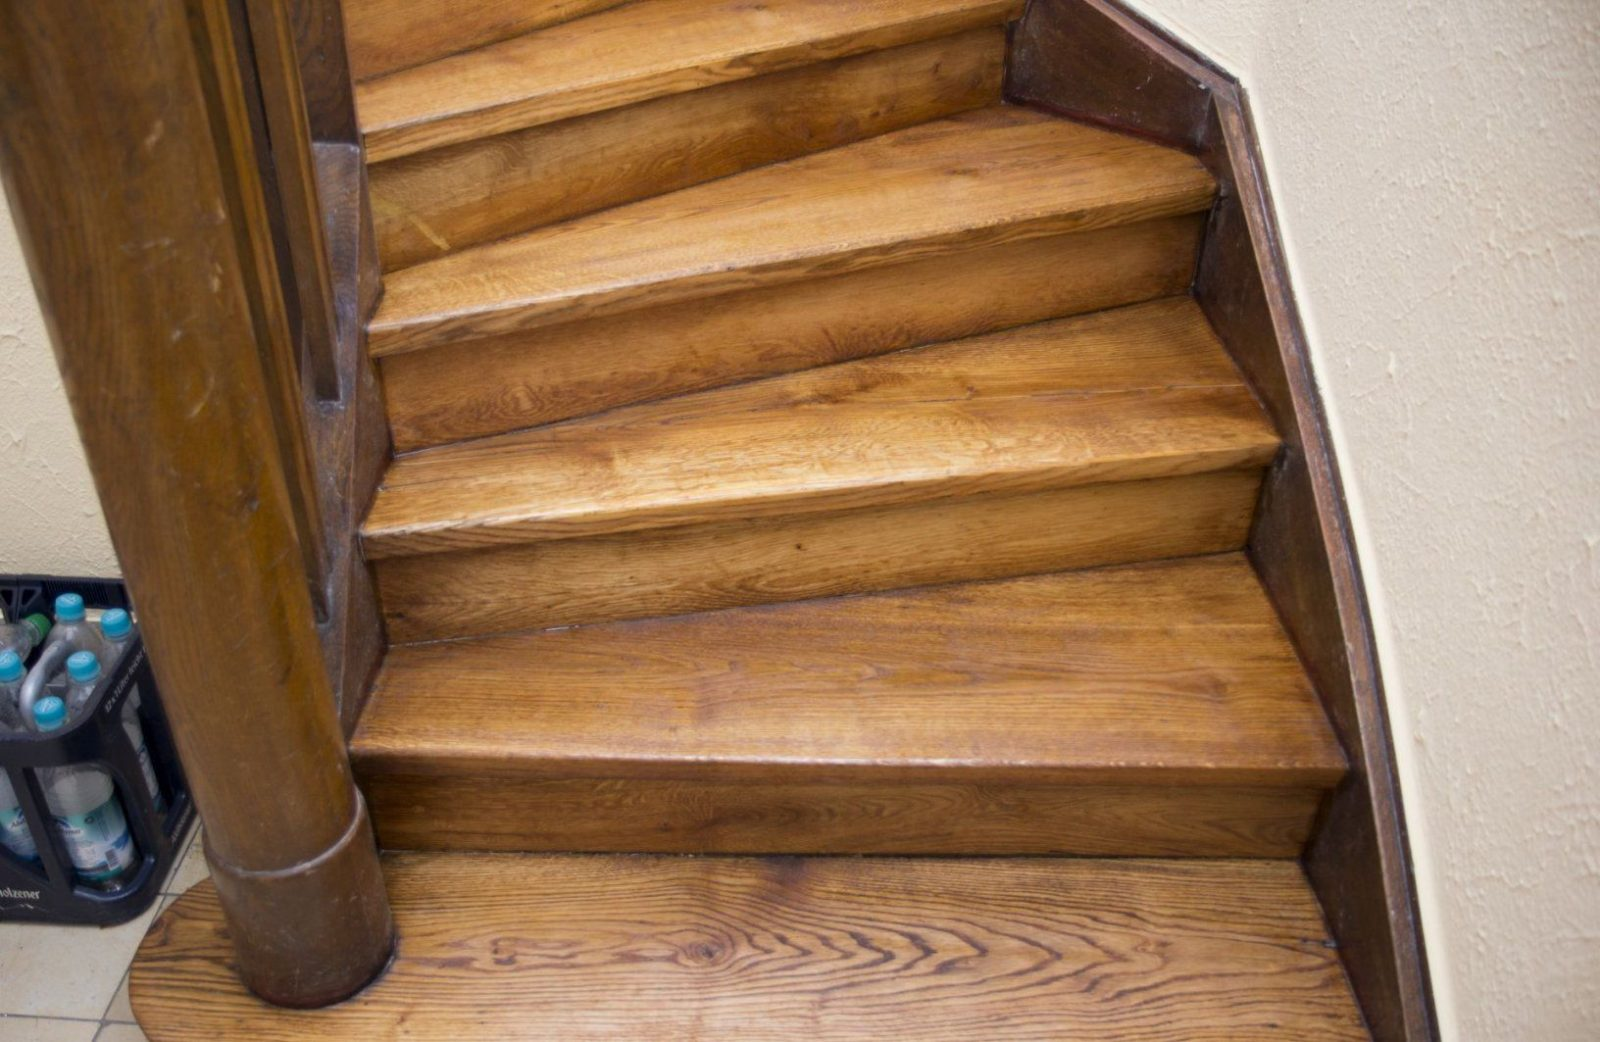 Erstaunlich Alte Holztreppe Aufarbeiten Treppe Abschleifen von Alte Holztreppe Neu Gestalten Photo